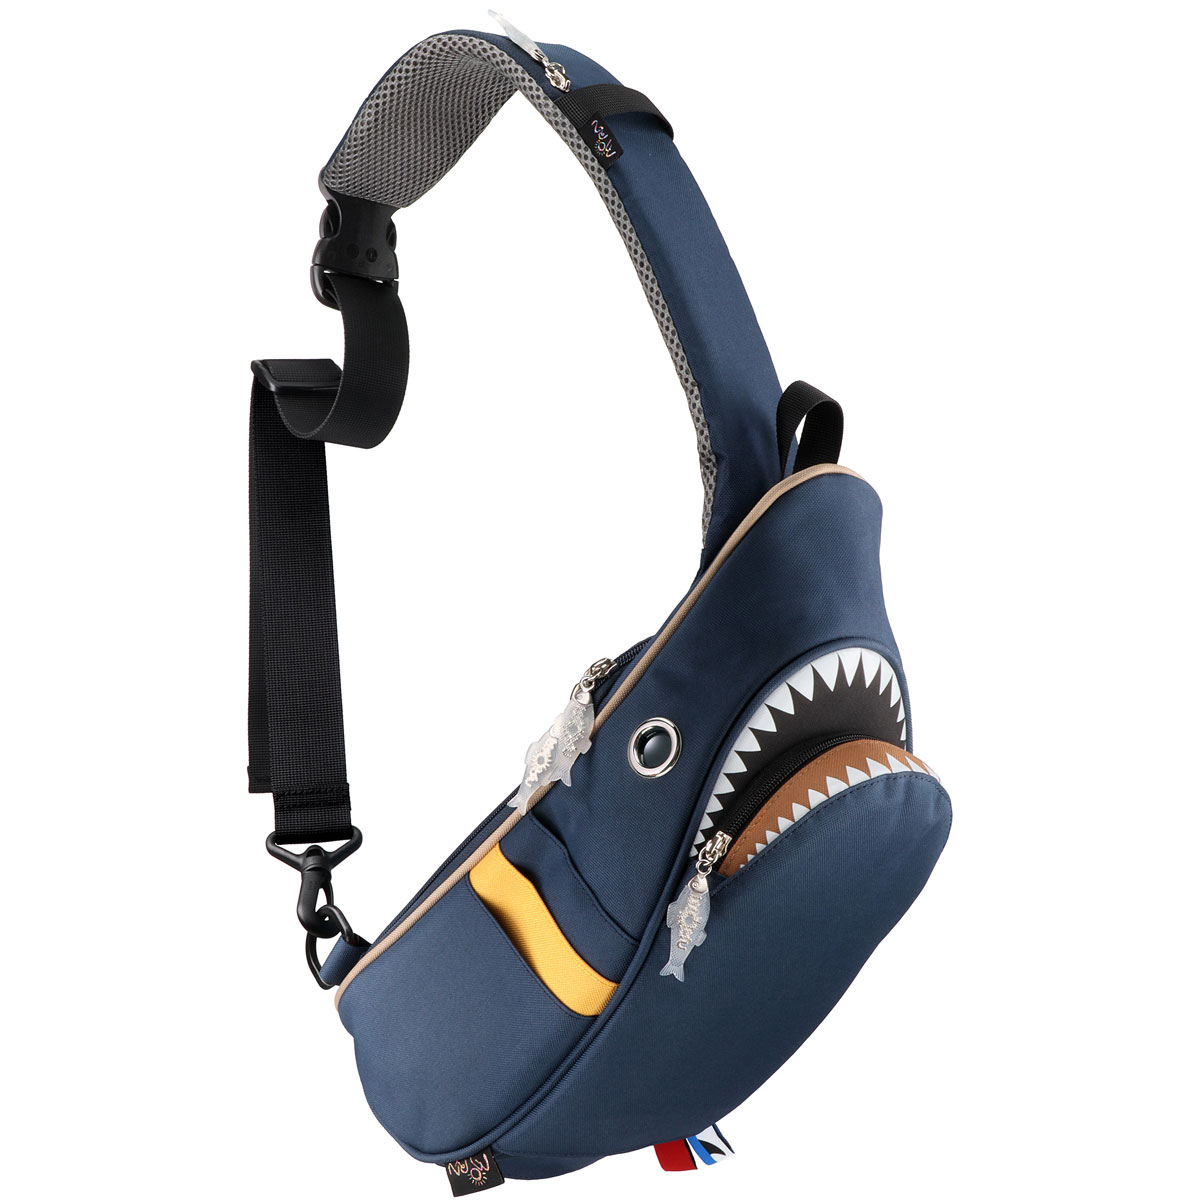 ウエストポーチ モーンクリエイションズ シャークスリングバッグ 5L 2019新作 収納スペースは全部で10ヶ所! ファスナー付きポケット ウエストバッグ ウエストバック MORN CREATIONS サメバッグ シャークバッグ コンビ ネイビー/マスタード